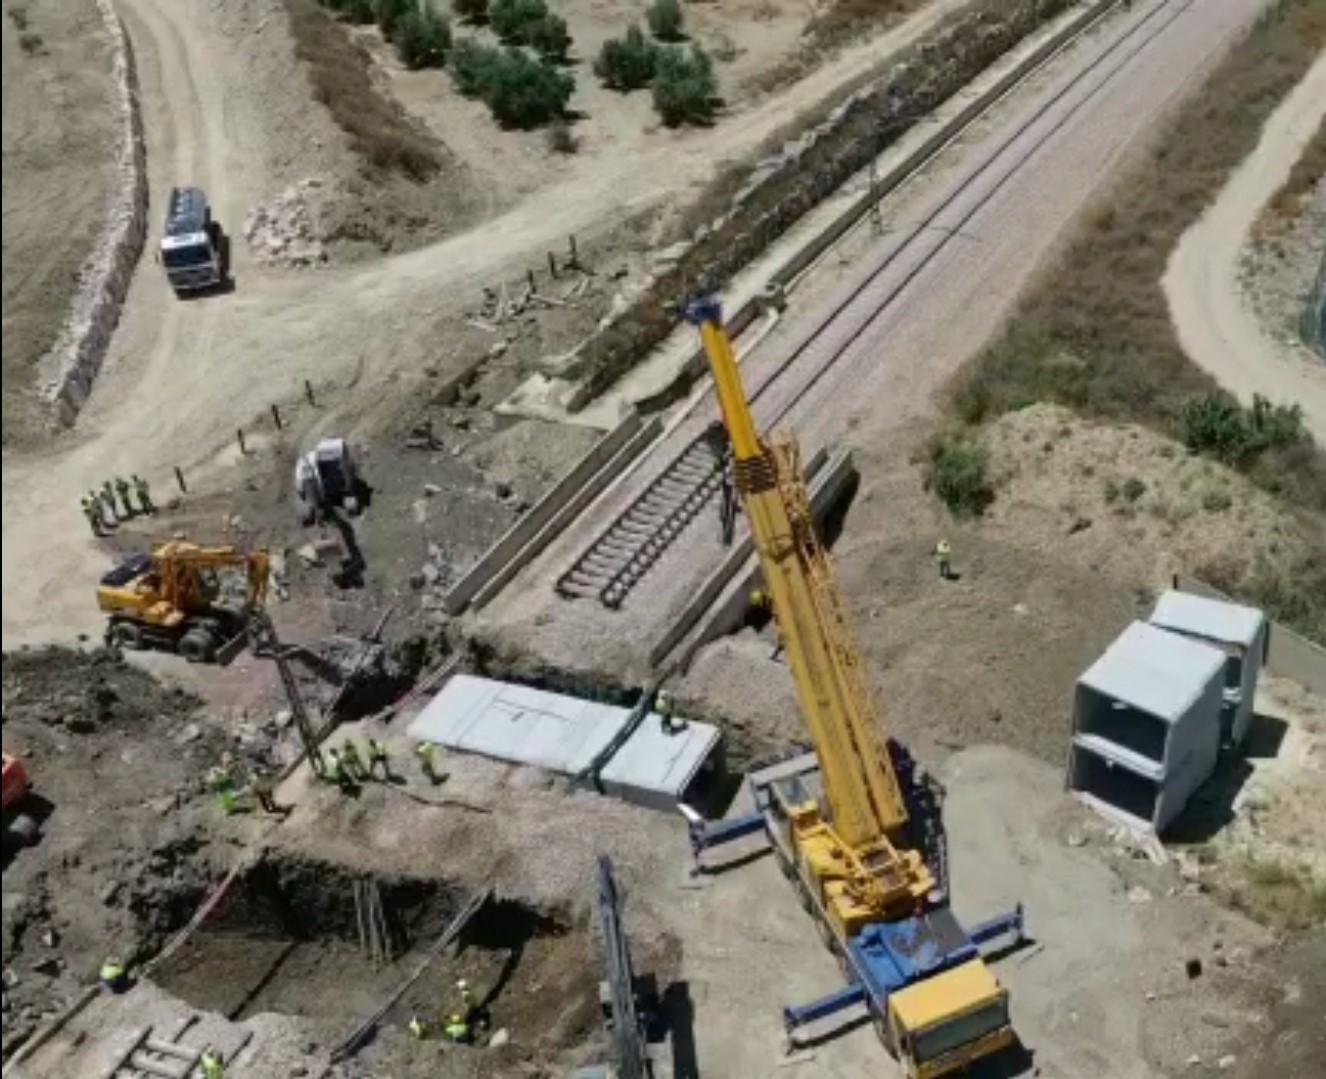 Adif licita la sustitución del puente sobre el arroyo Arjonilla